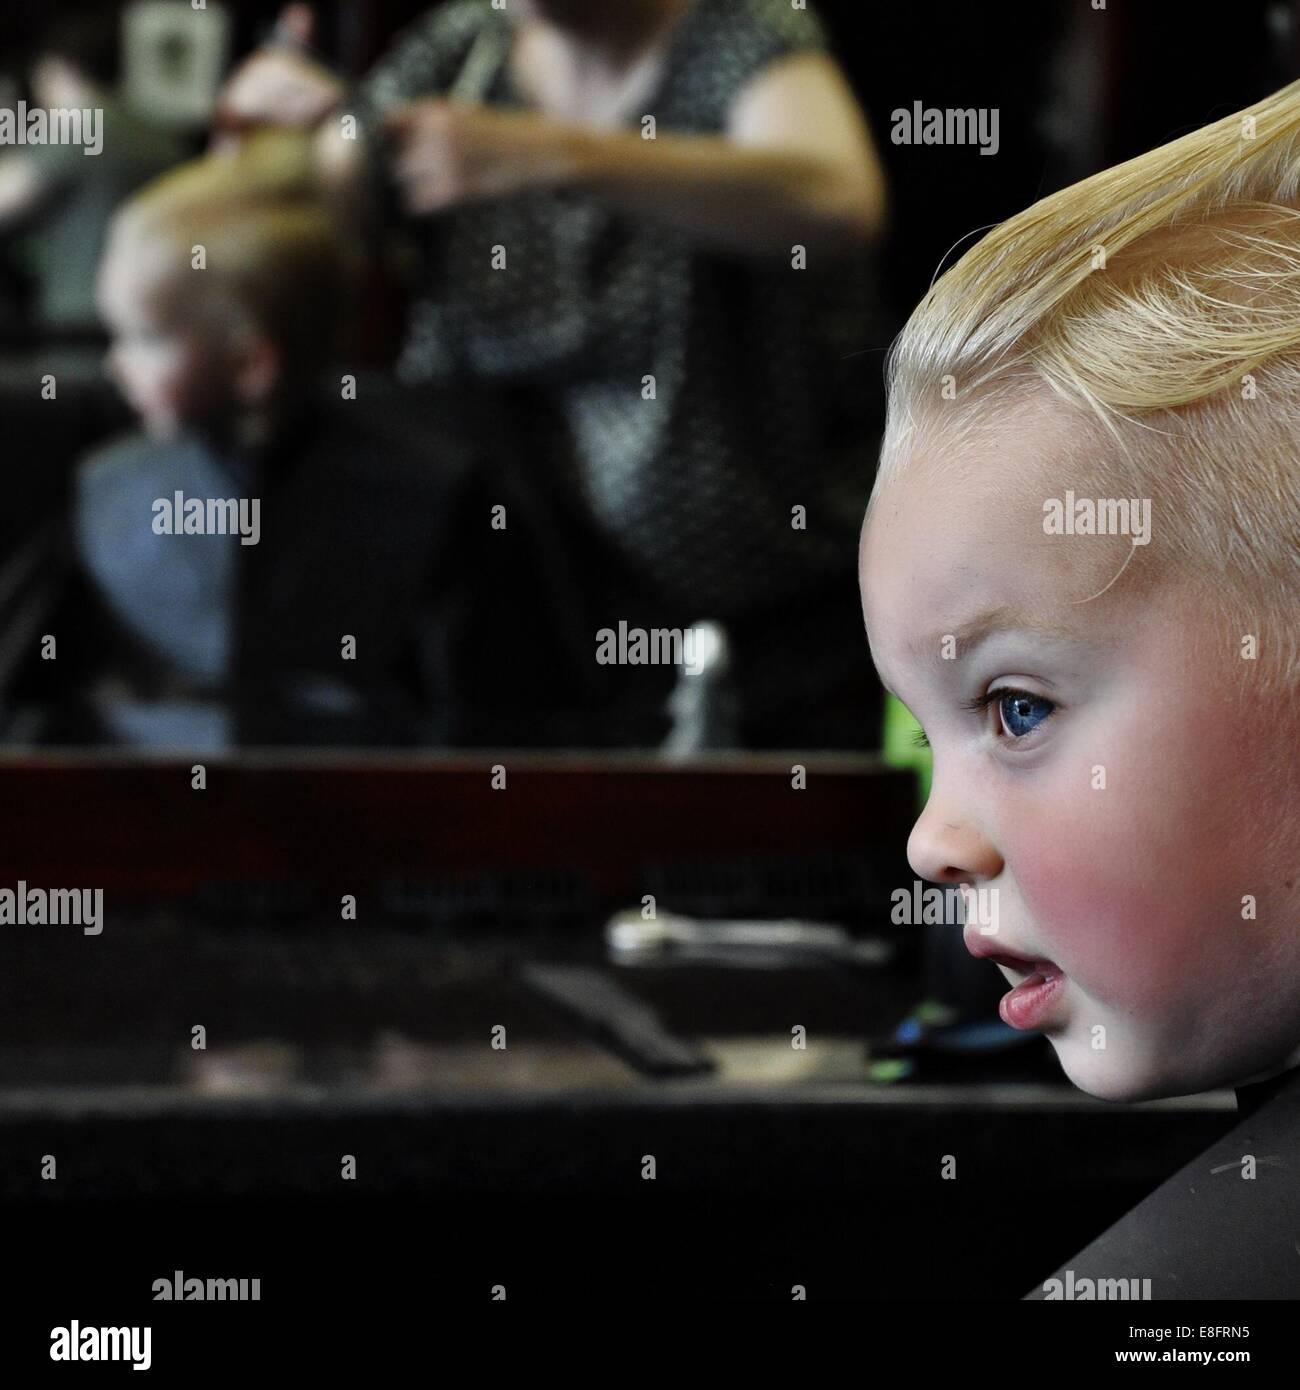 Niño con corte de pelo en las peluquerías Imagen De Stock